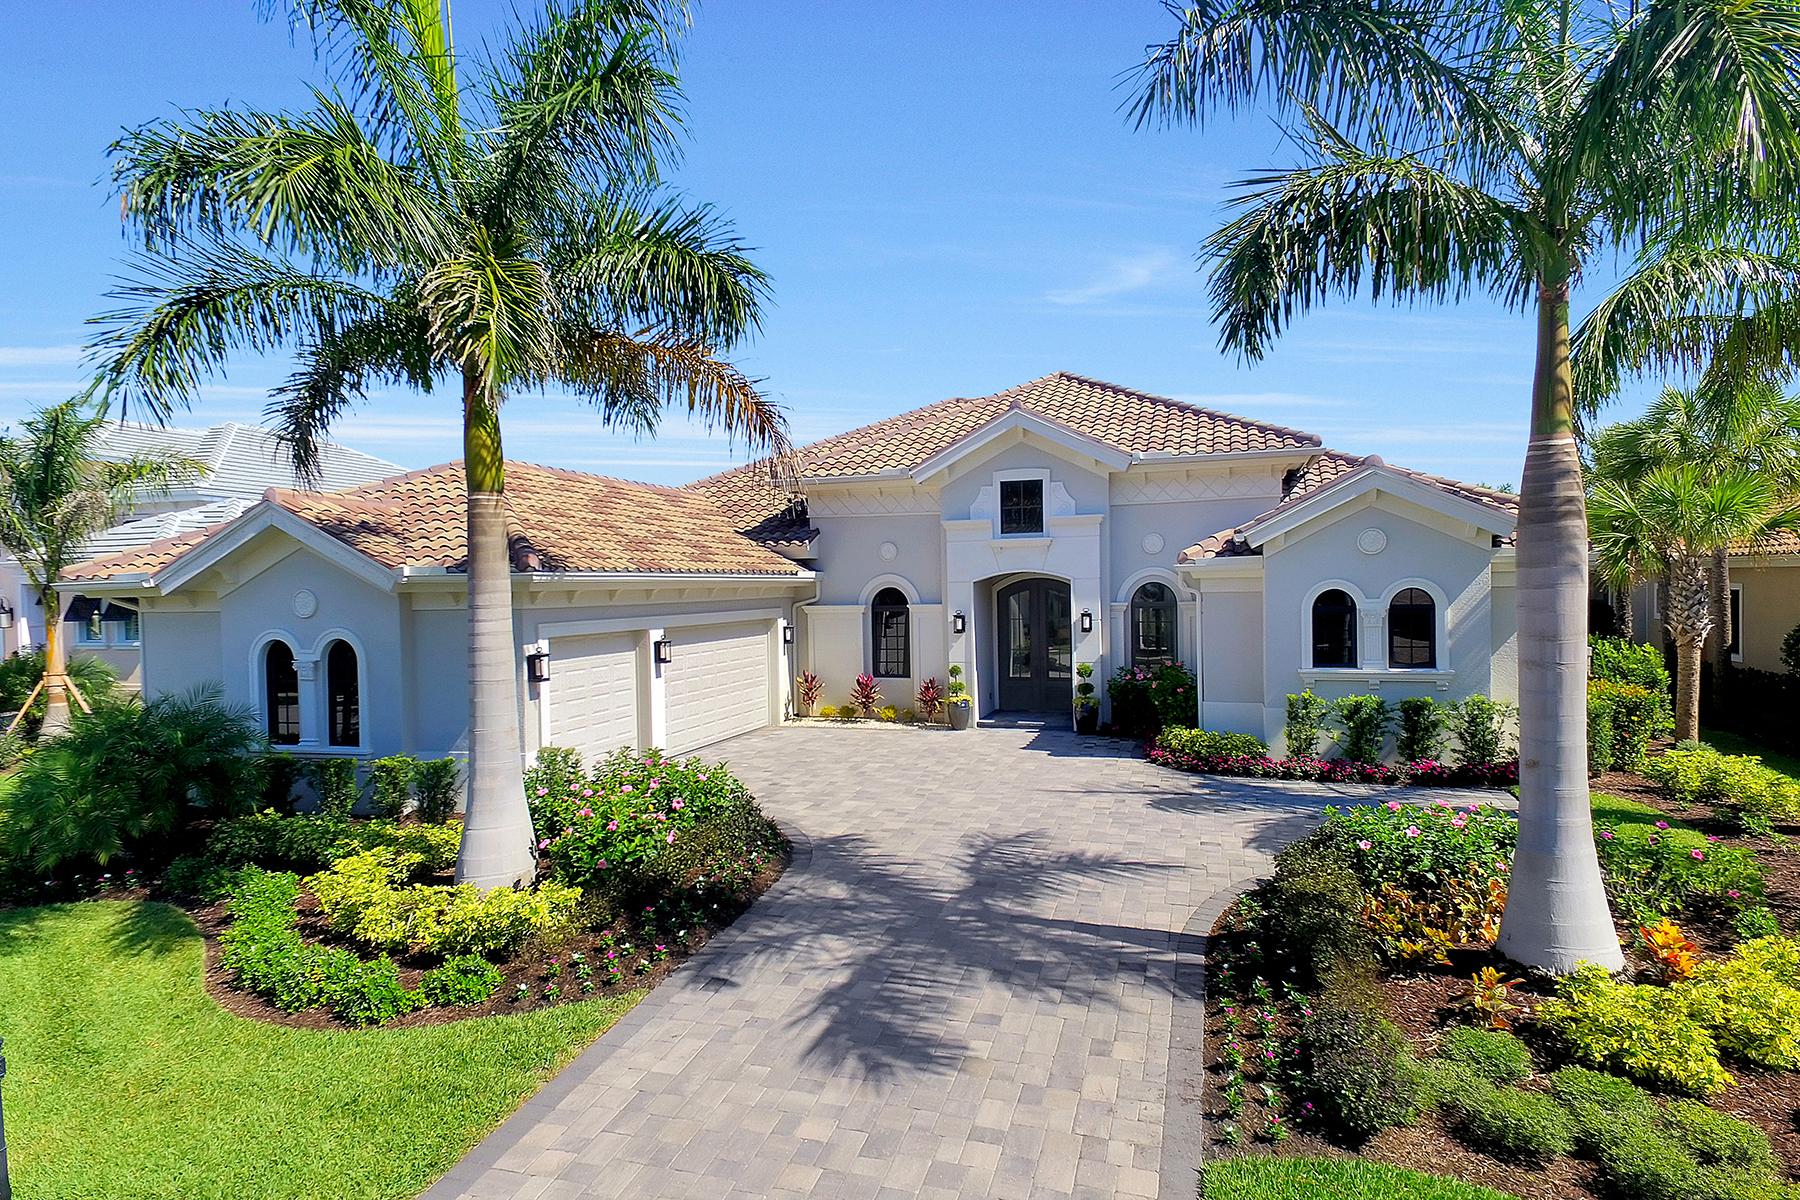 独户住宅 为 销售 在 FIDDLERS CREEK 3737 Mahogany Bend Dr 那不勒斯, 佛罗里达州, 34114 美国